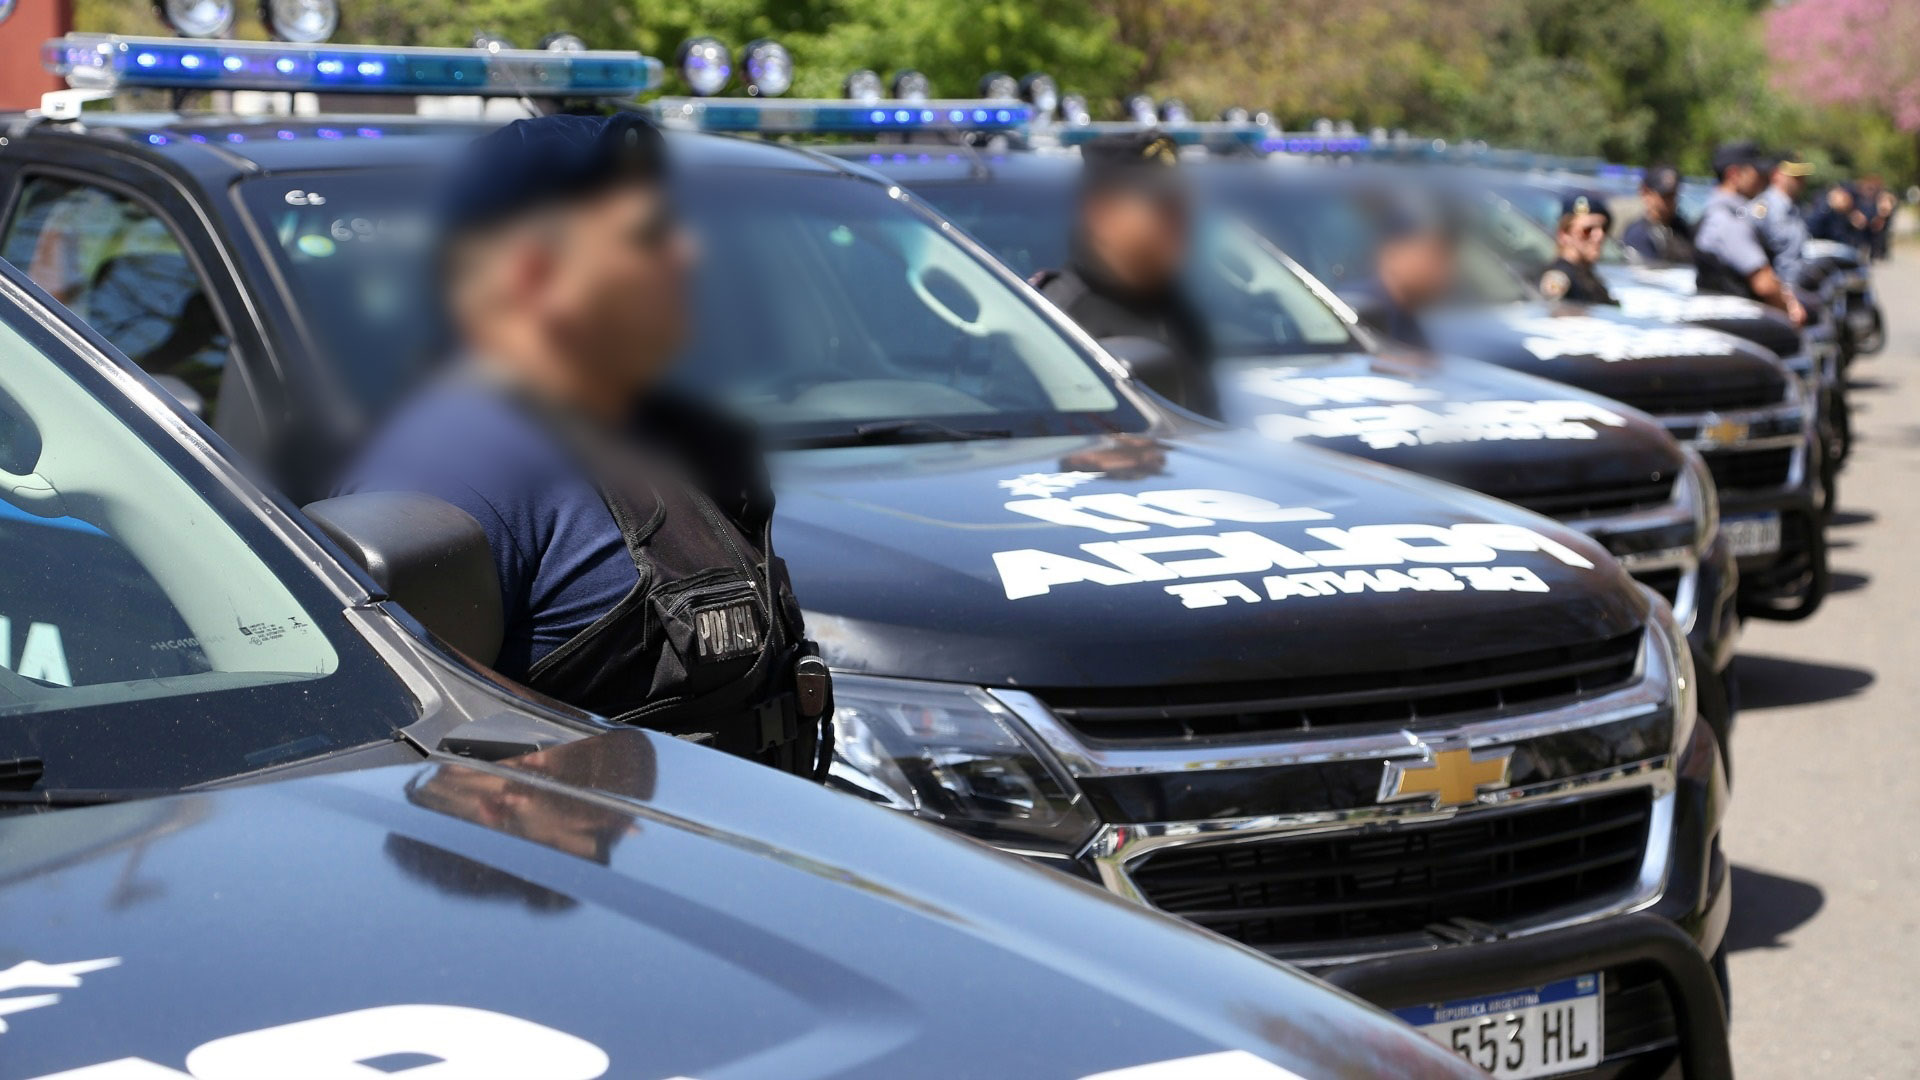 La investigación supone una vieja práctica policial. (imagen genérica)